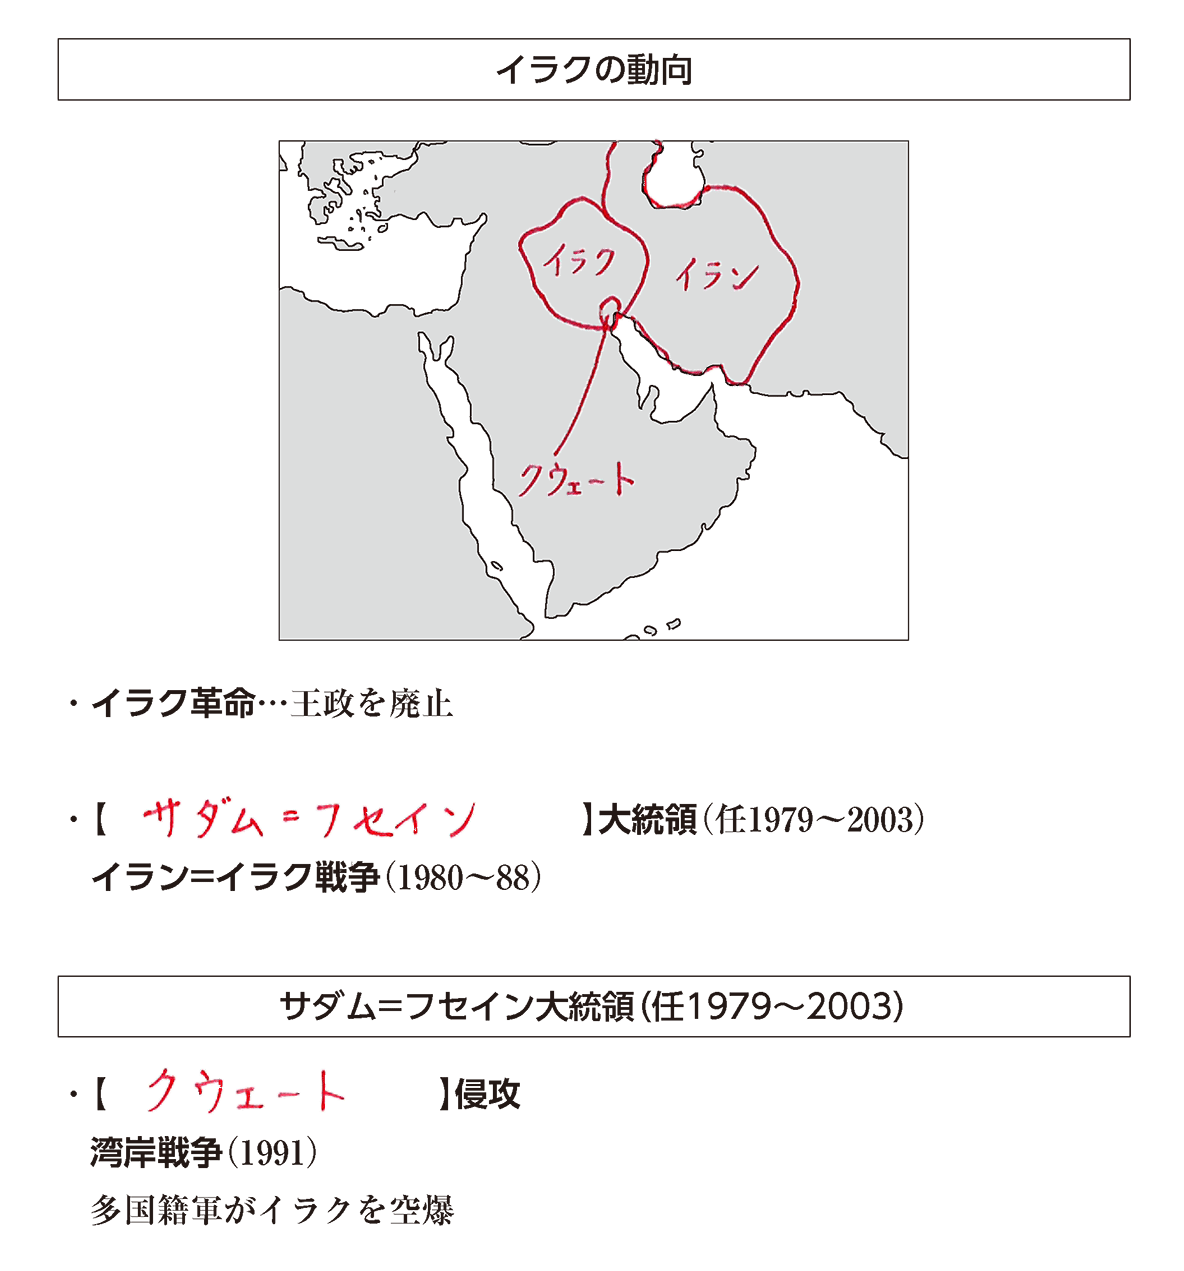 高校世界史 アジア諸地域の紛争6 ポイント2 答え全部